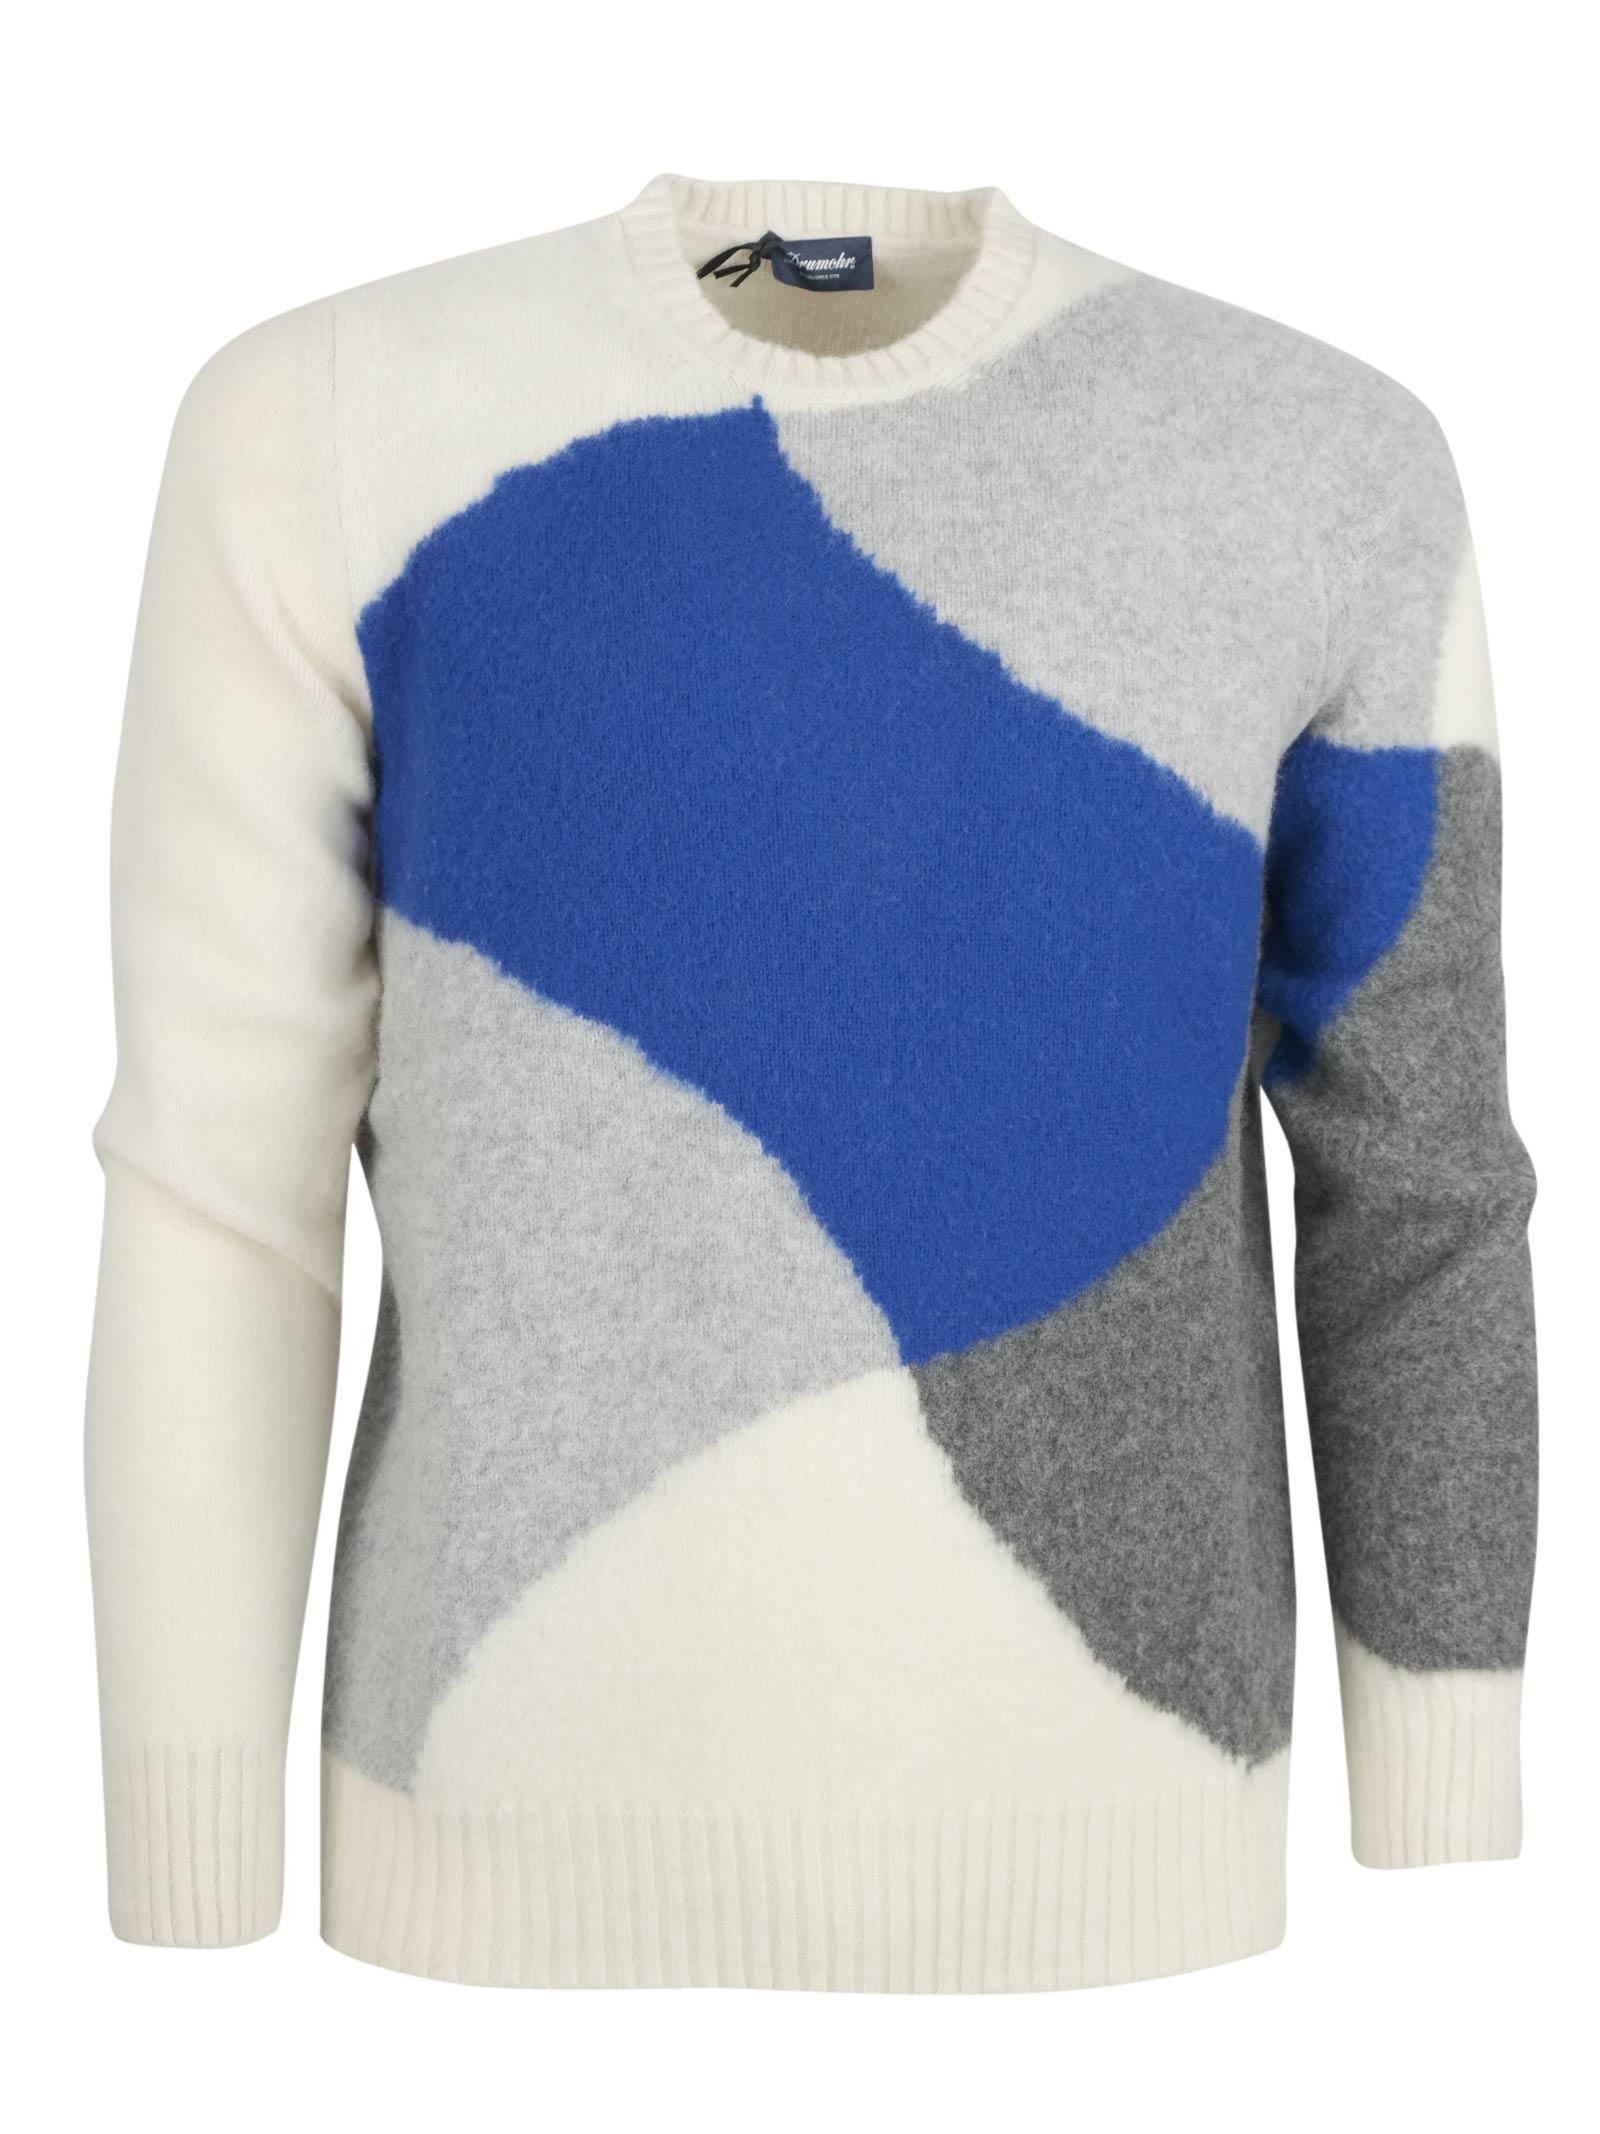 Crew neck lambswool sweater DRUMOHR | Knitwear | D8W103BI003